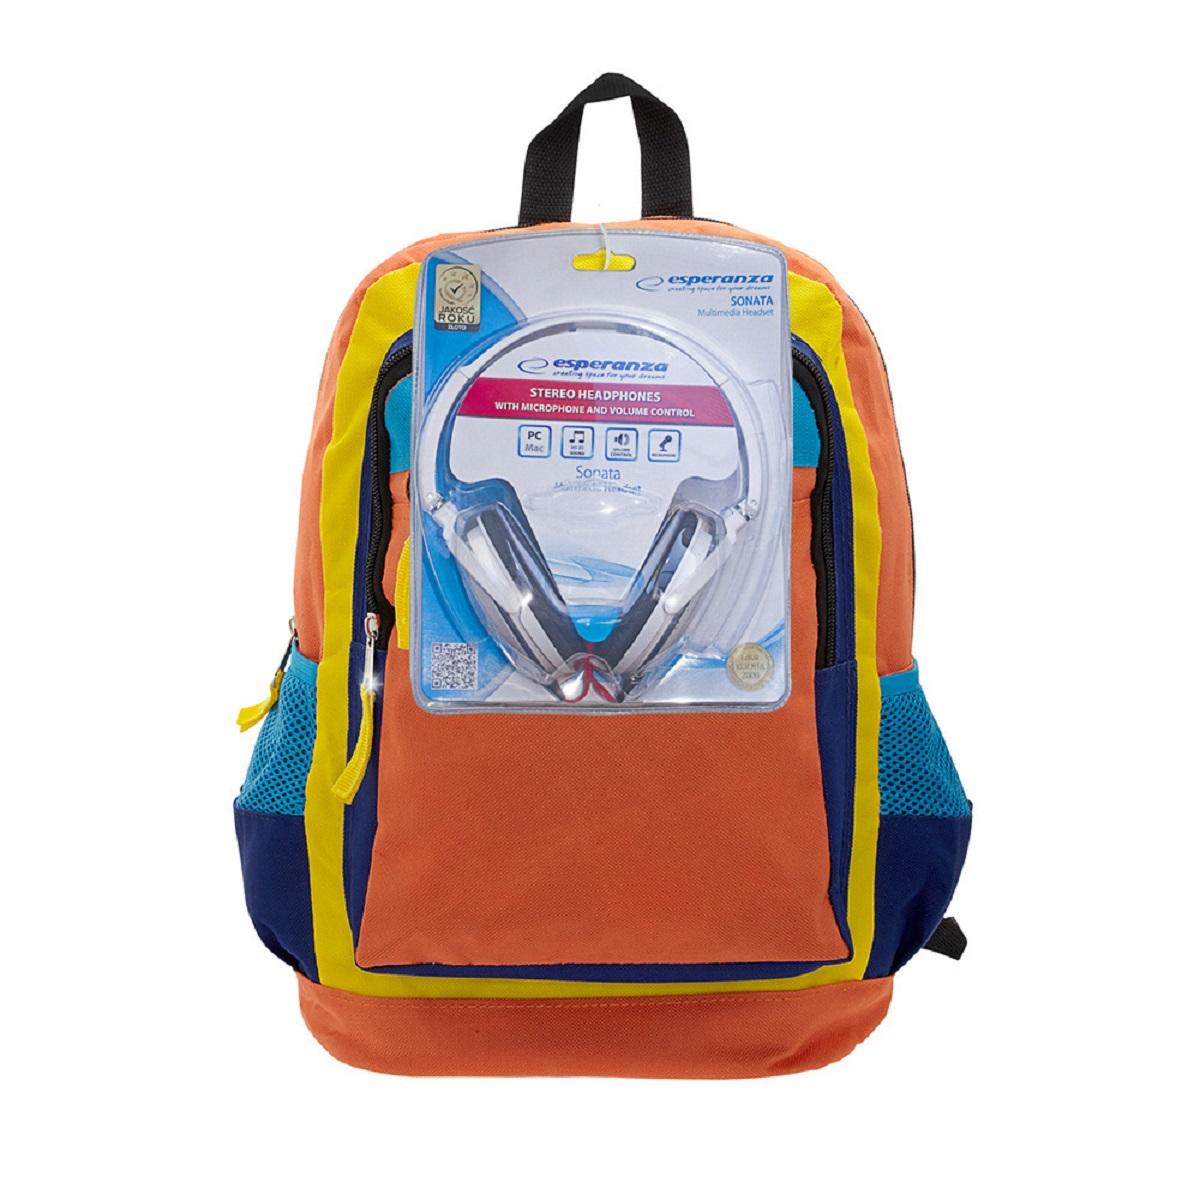 Рюкзак городской 3D Bags Оранжевое настроение, цвет: оранжевый, синий, 17 л + ПОДАРОК: Наушники3DHM251NСтильный, яркий, позитивный!!! Улучшит настроение в школьные будни и подчеркнет ваш неповторимый образ! В комплект входят белые стереонаушники с мягкими ушными подушками. Длина кабеля 2м, разъем 3,5мм, сопротивление 32 Ом, диапазон часто - 20 Гц-20000 Гц, выходная мощность - 100 мВт.Наушники поставляются в цветовом ассортименте. Поставка осуществляется в зависимости от наличия на складе.